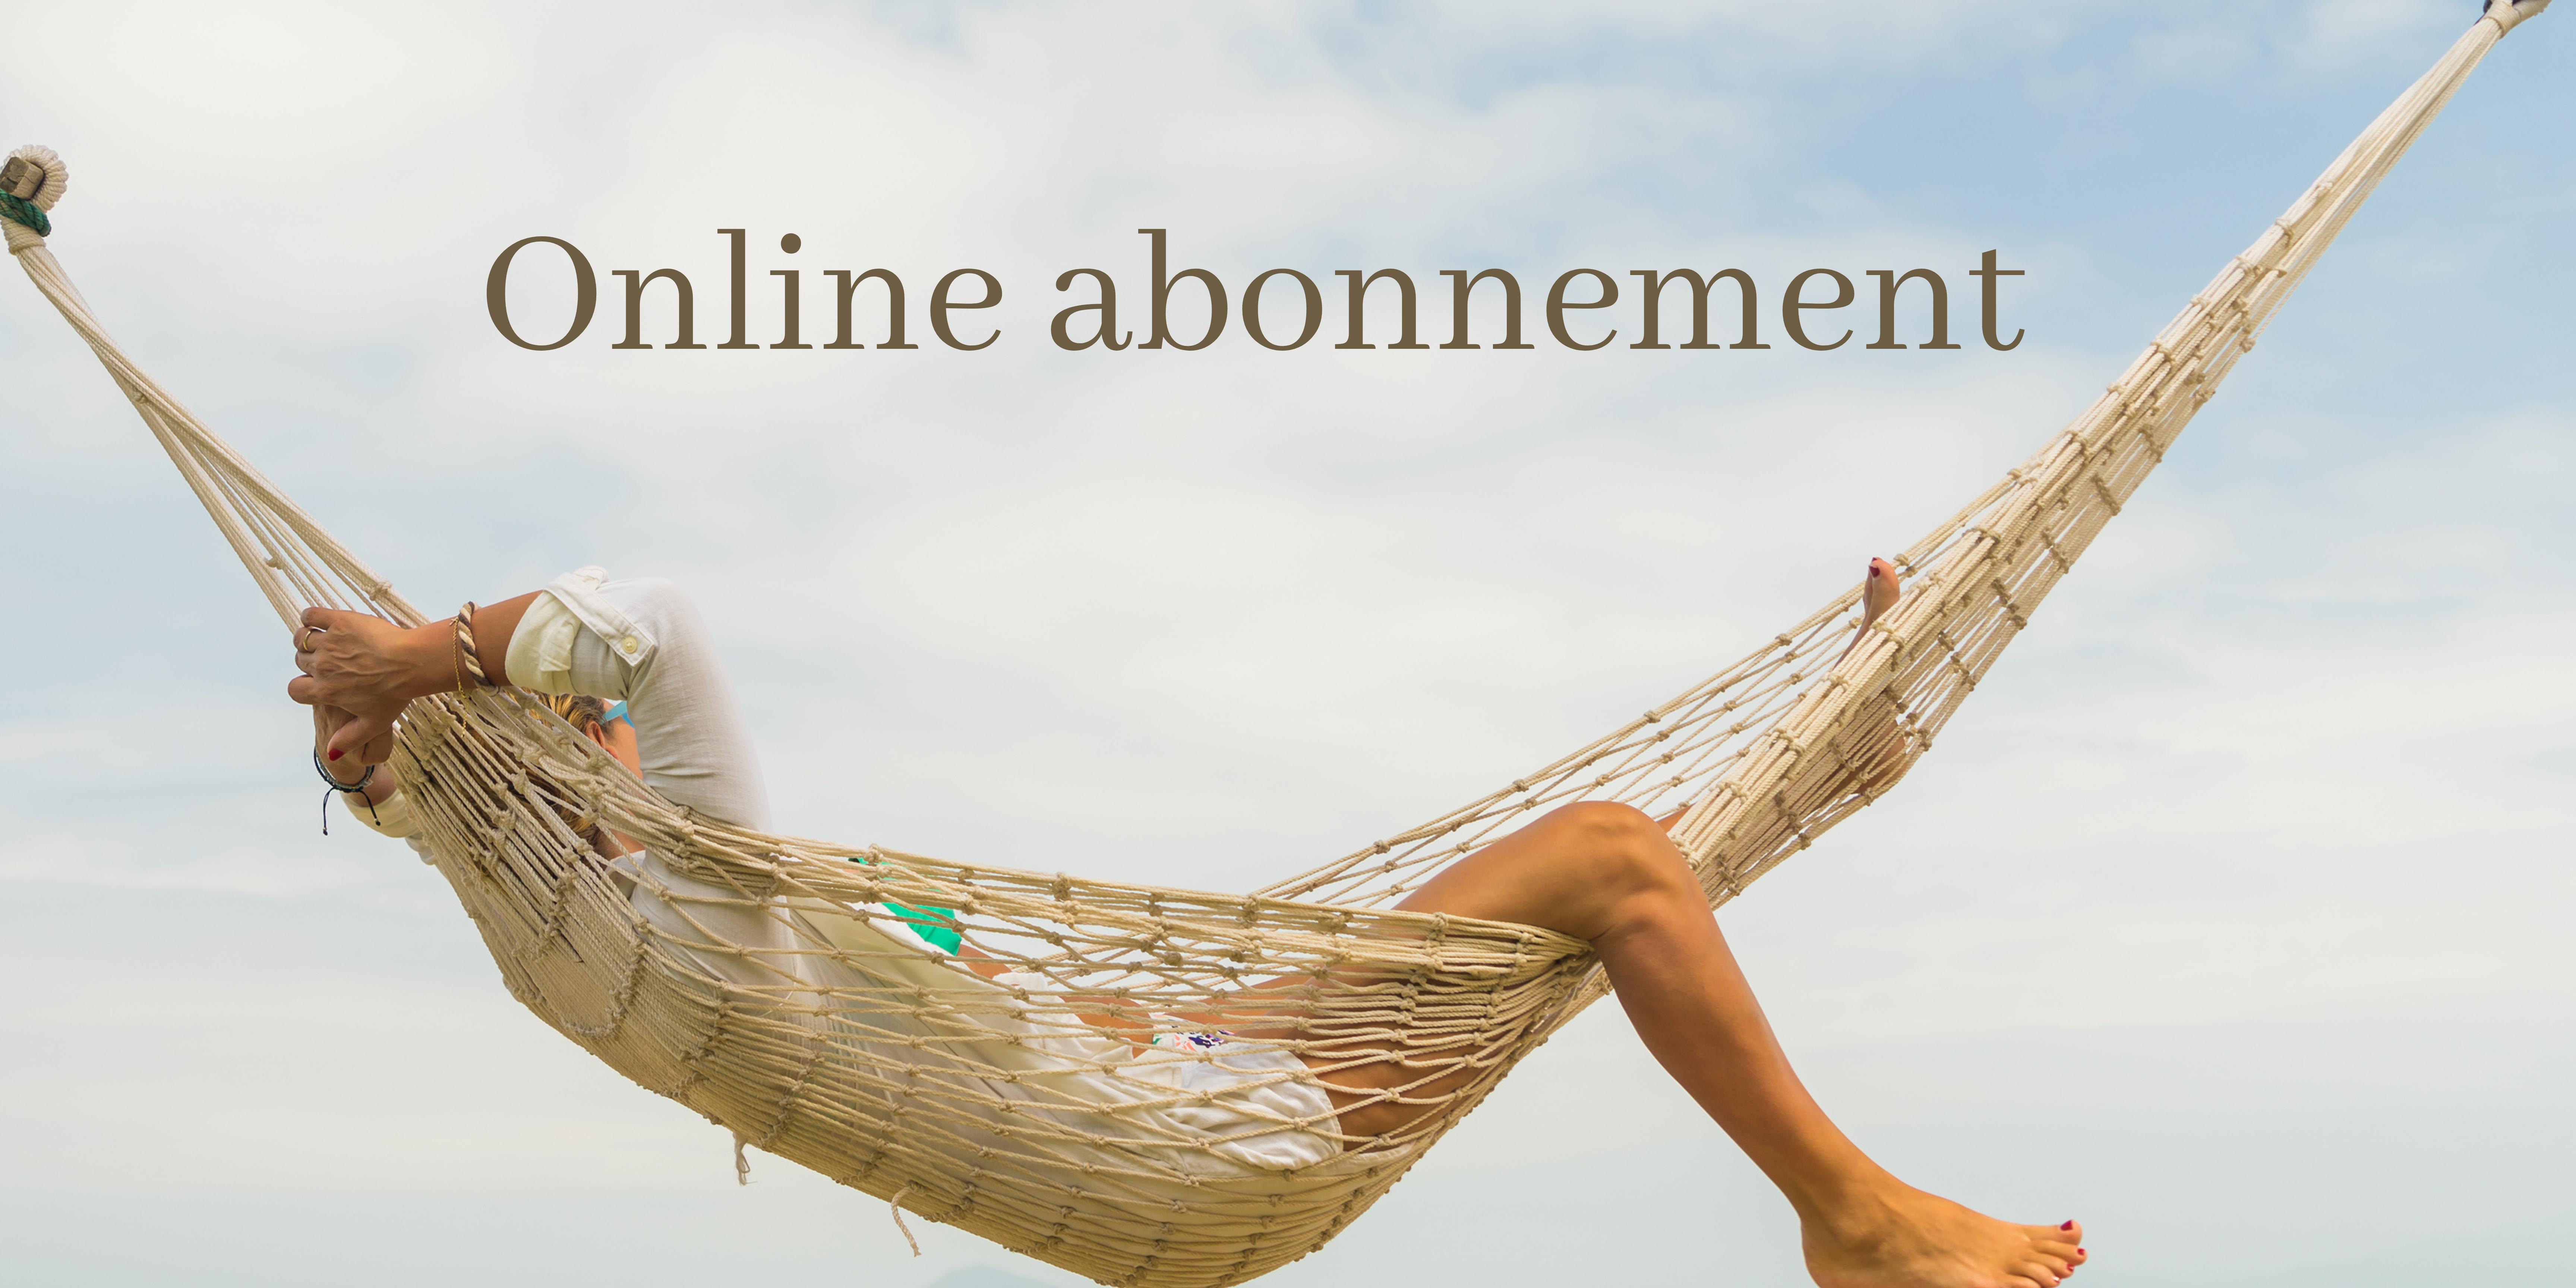 online abonnement